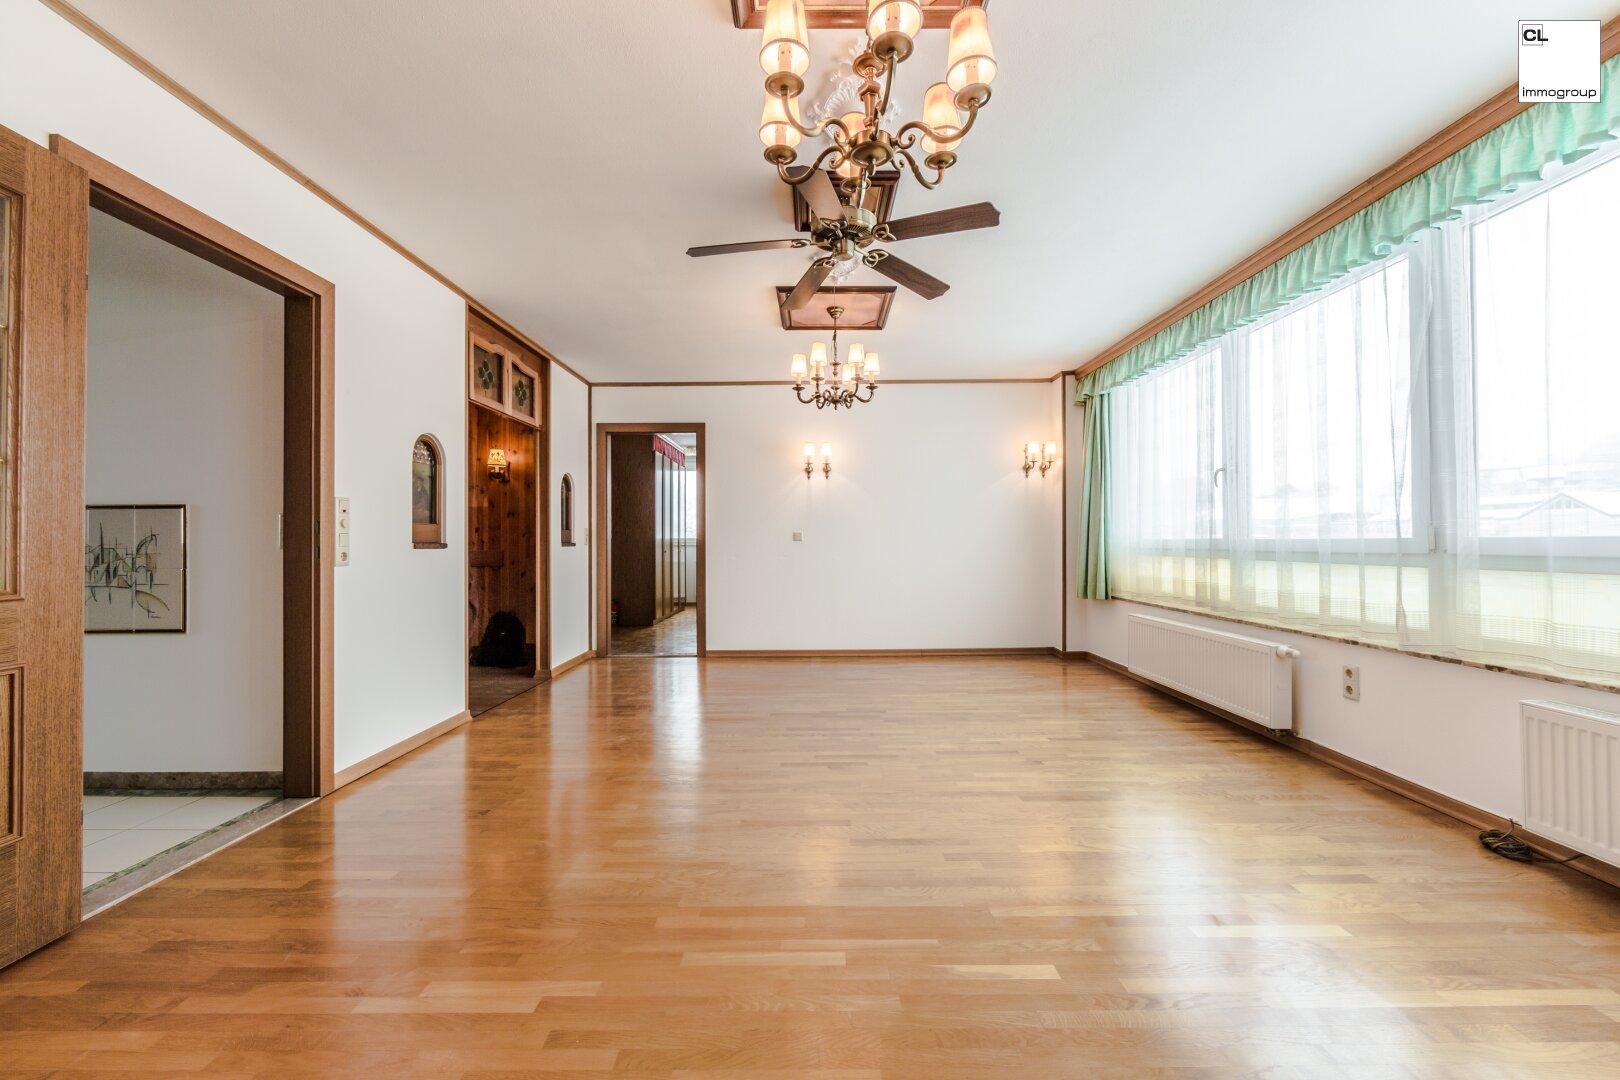 Teilmöblierte 3-Zimmerwohnung für Young Ager oder Jungfamilie in Oberndorf bei Salzburg zu mieten auf www.cl-immogroup.at